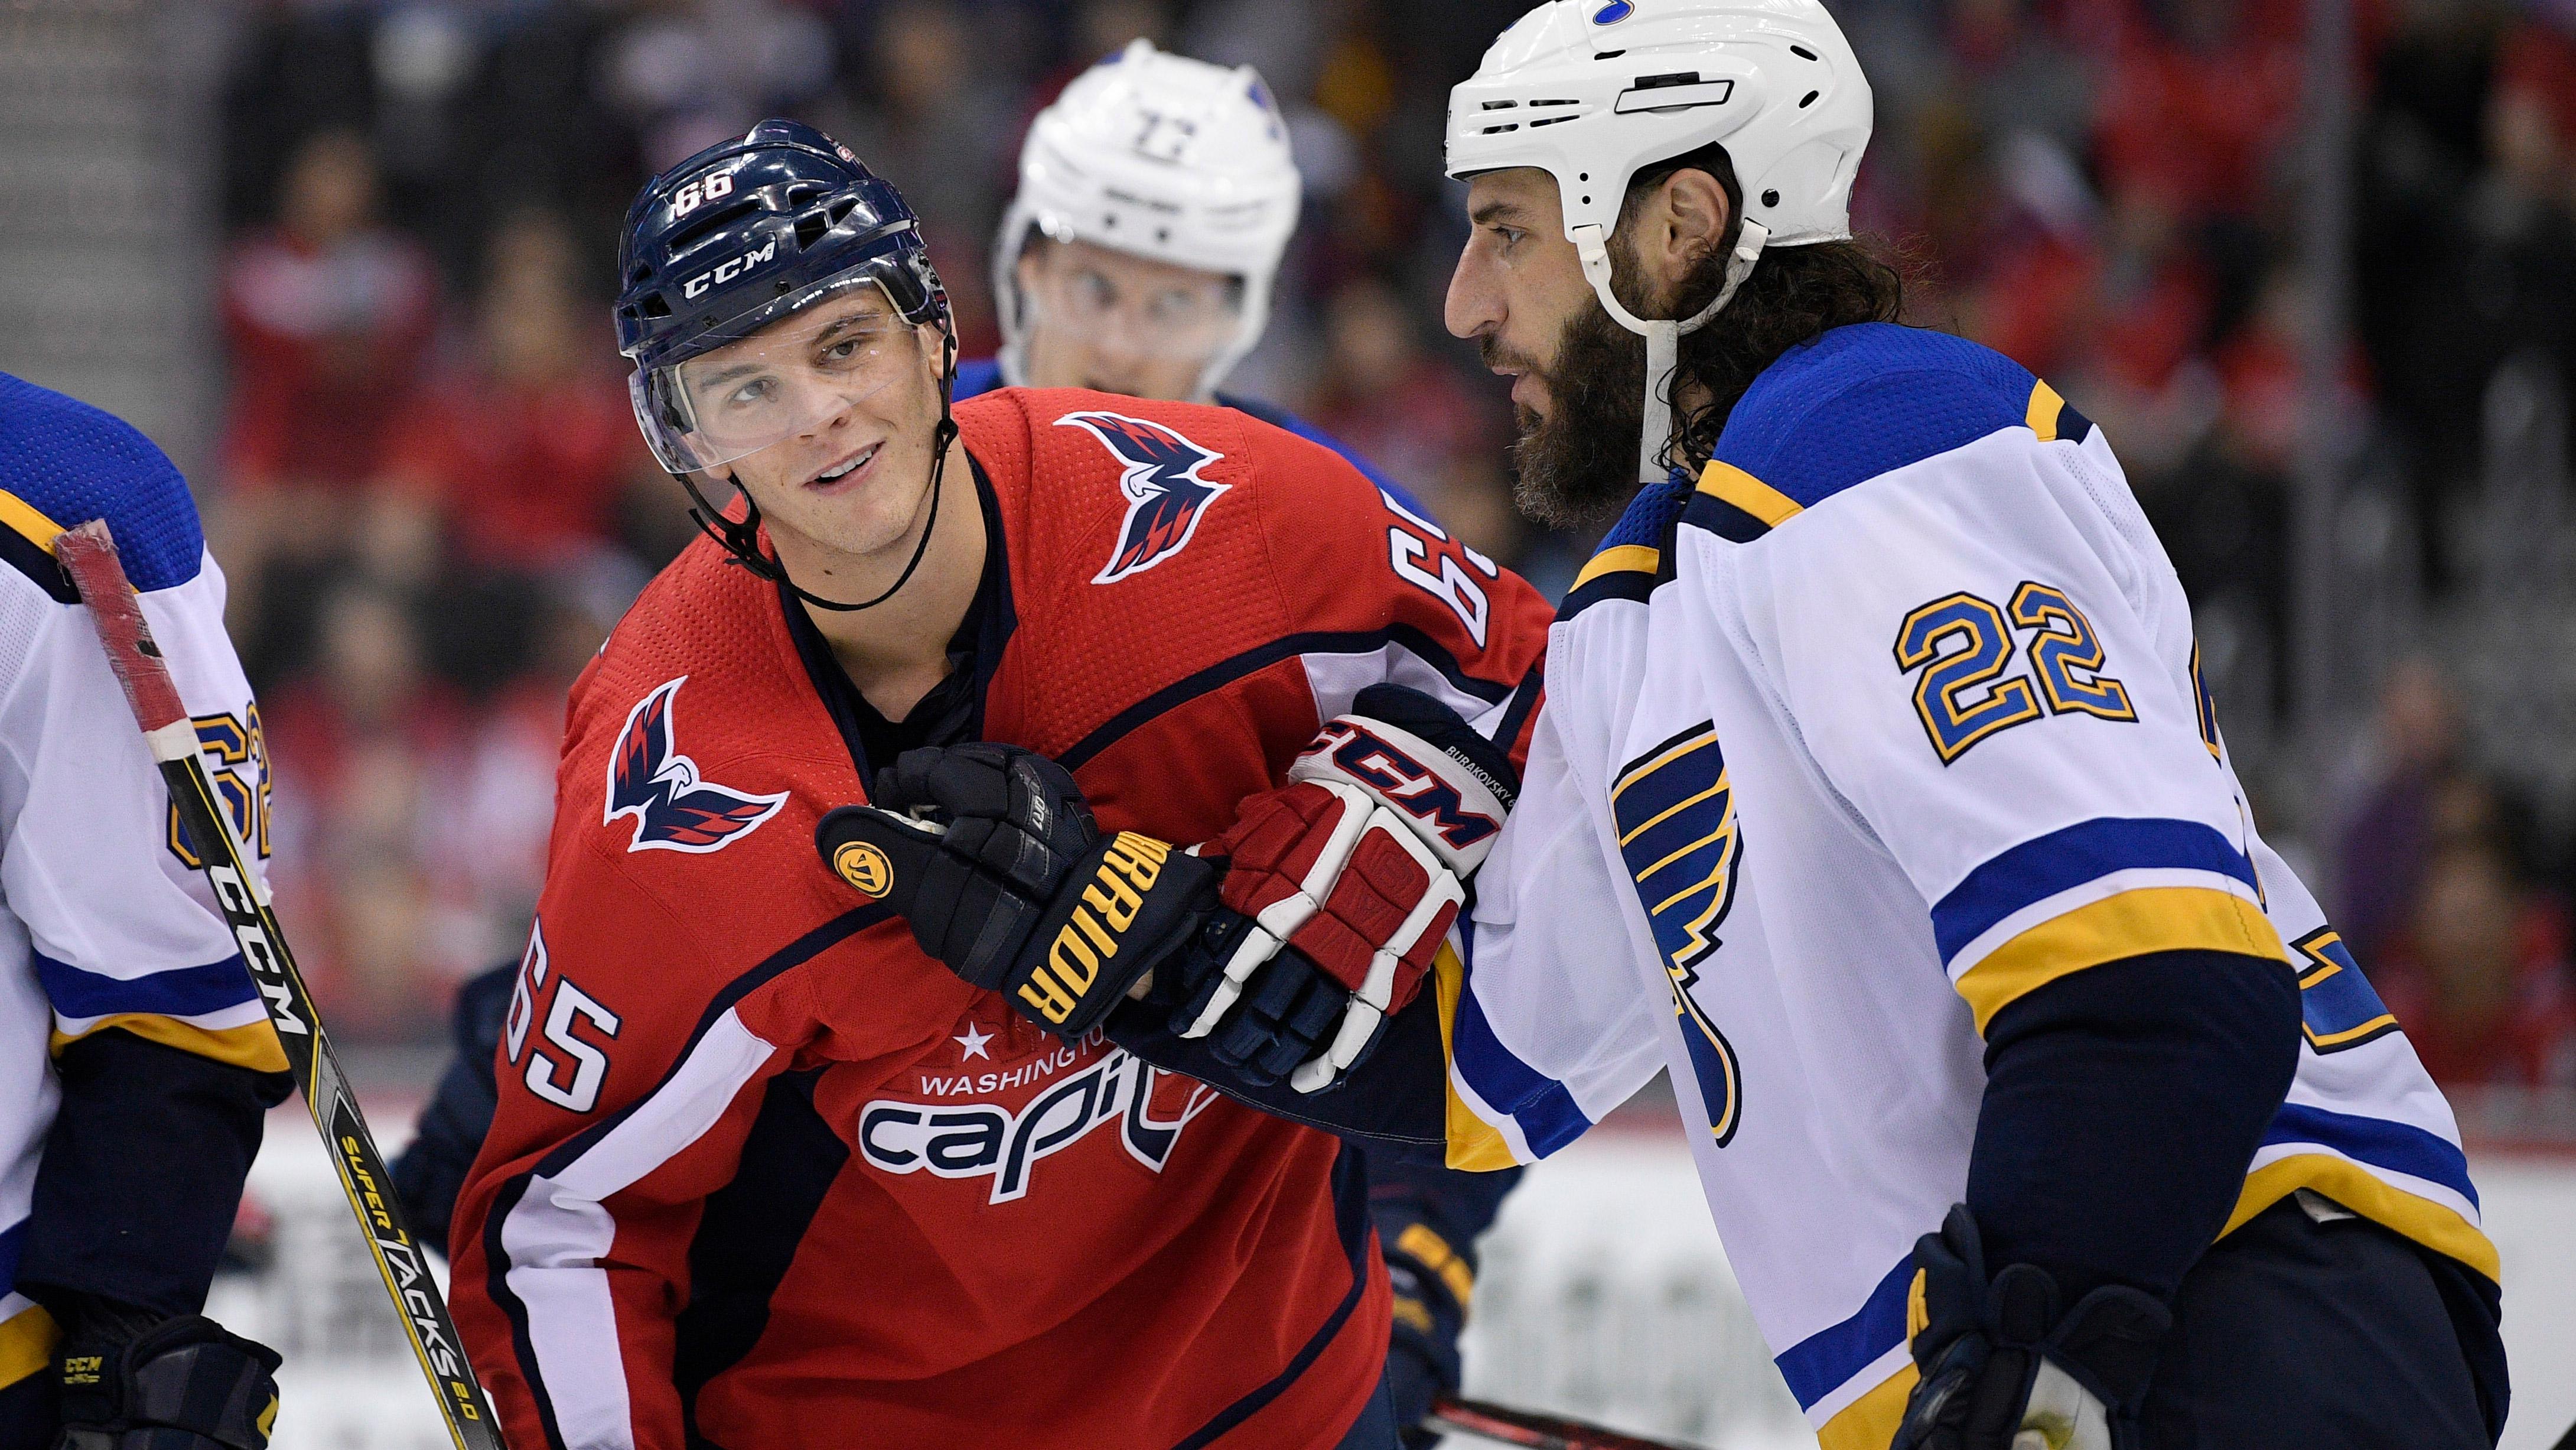 Blues recall Thorburn, assign Mikkola to San Antonio